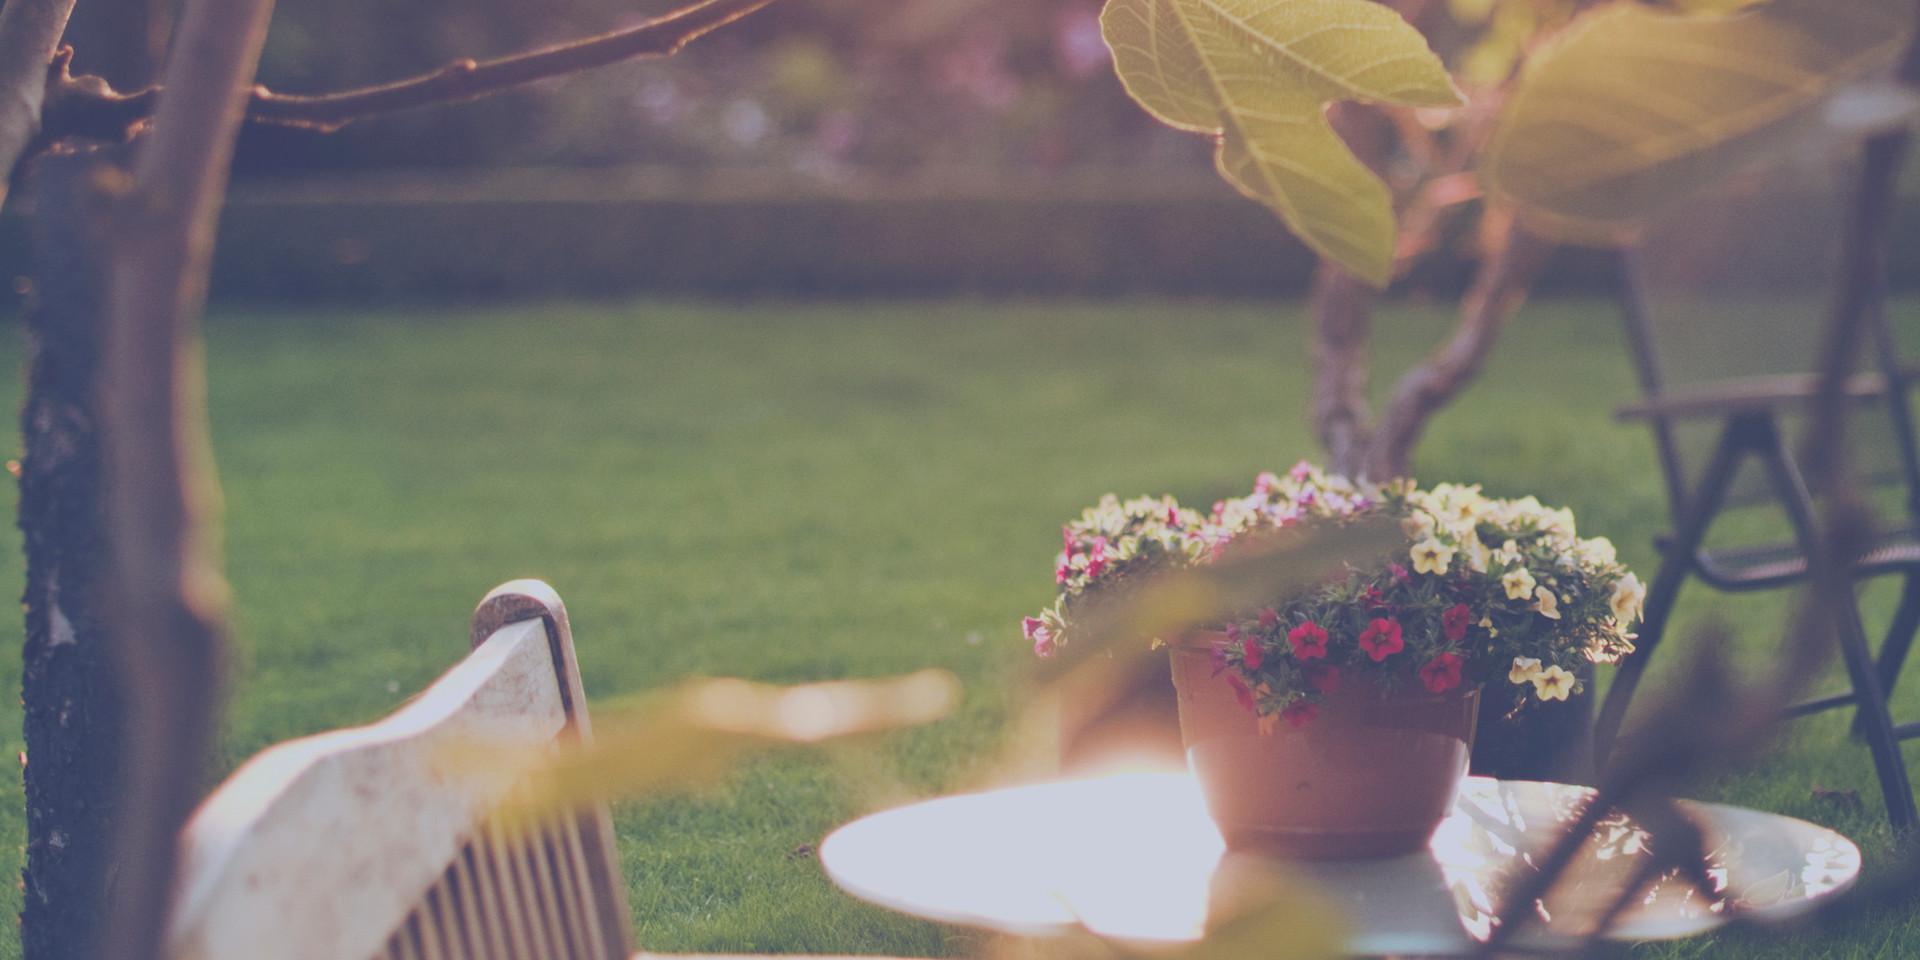 Trädgården är en förlängning av huset. Här kan du antingen uppleva fantastisk avkoppling och skönhet eller få en känsla av stress. När man skapar sin trädgård efter sina behov så får man en trädgård att glädjas åt.